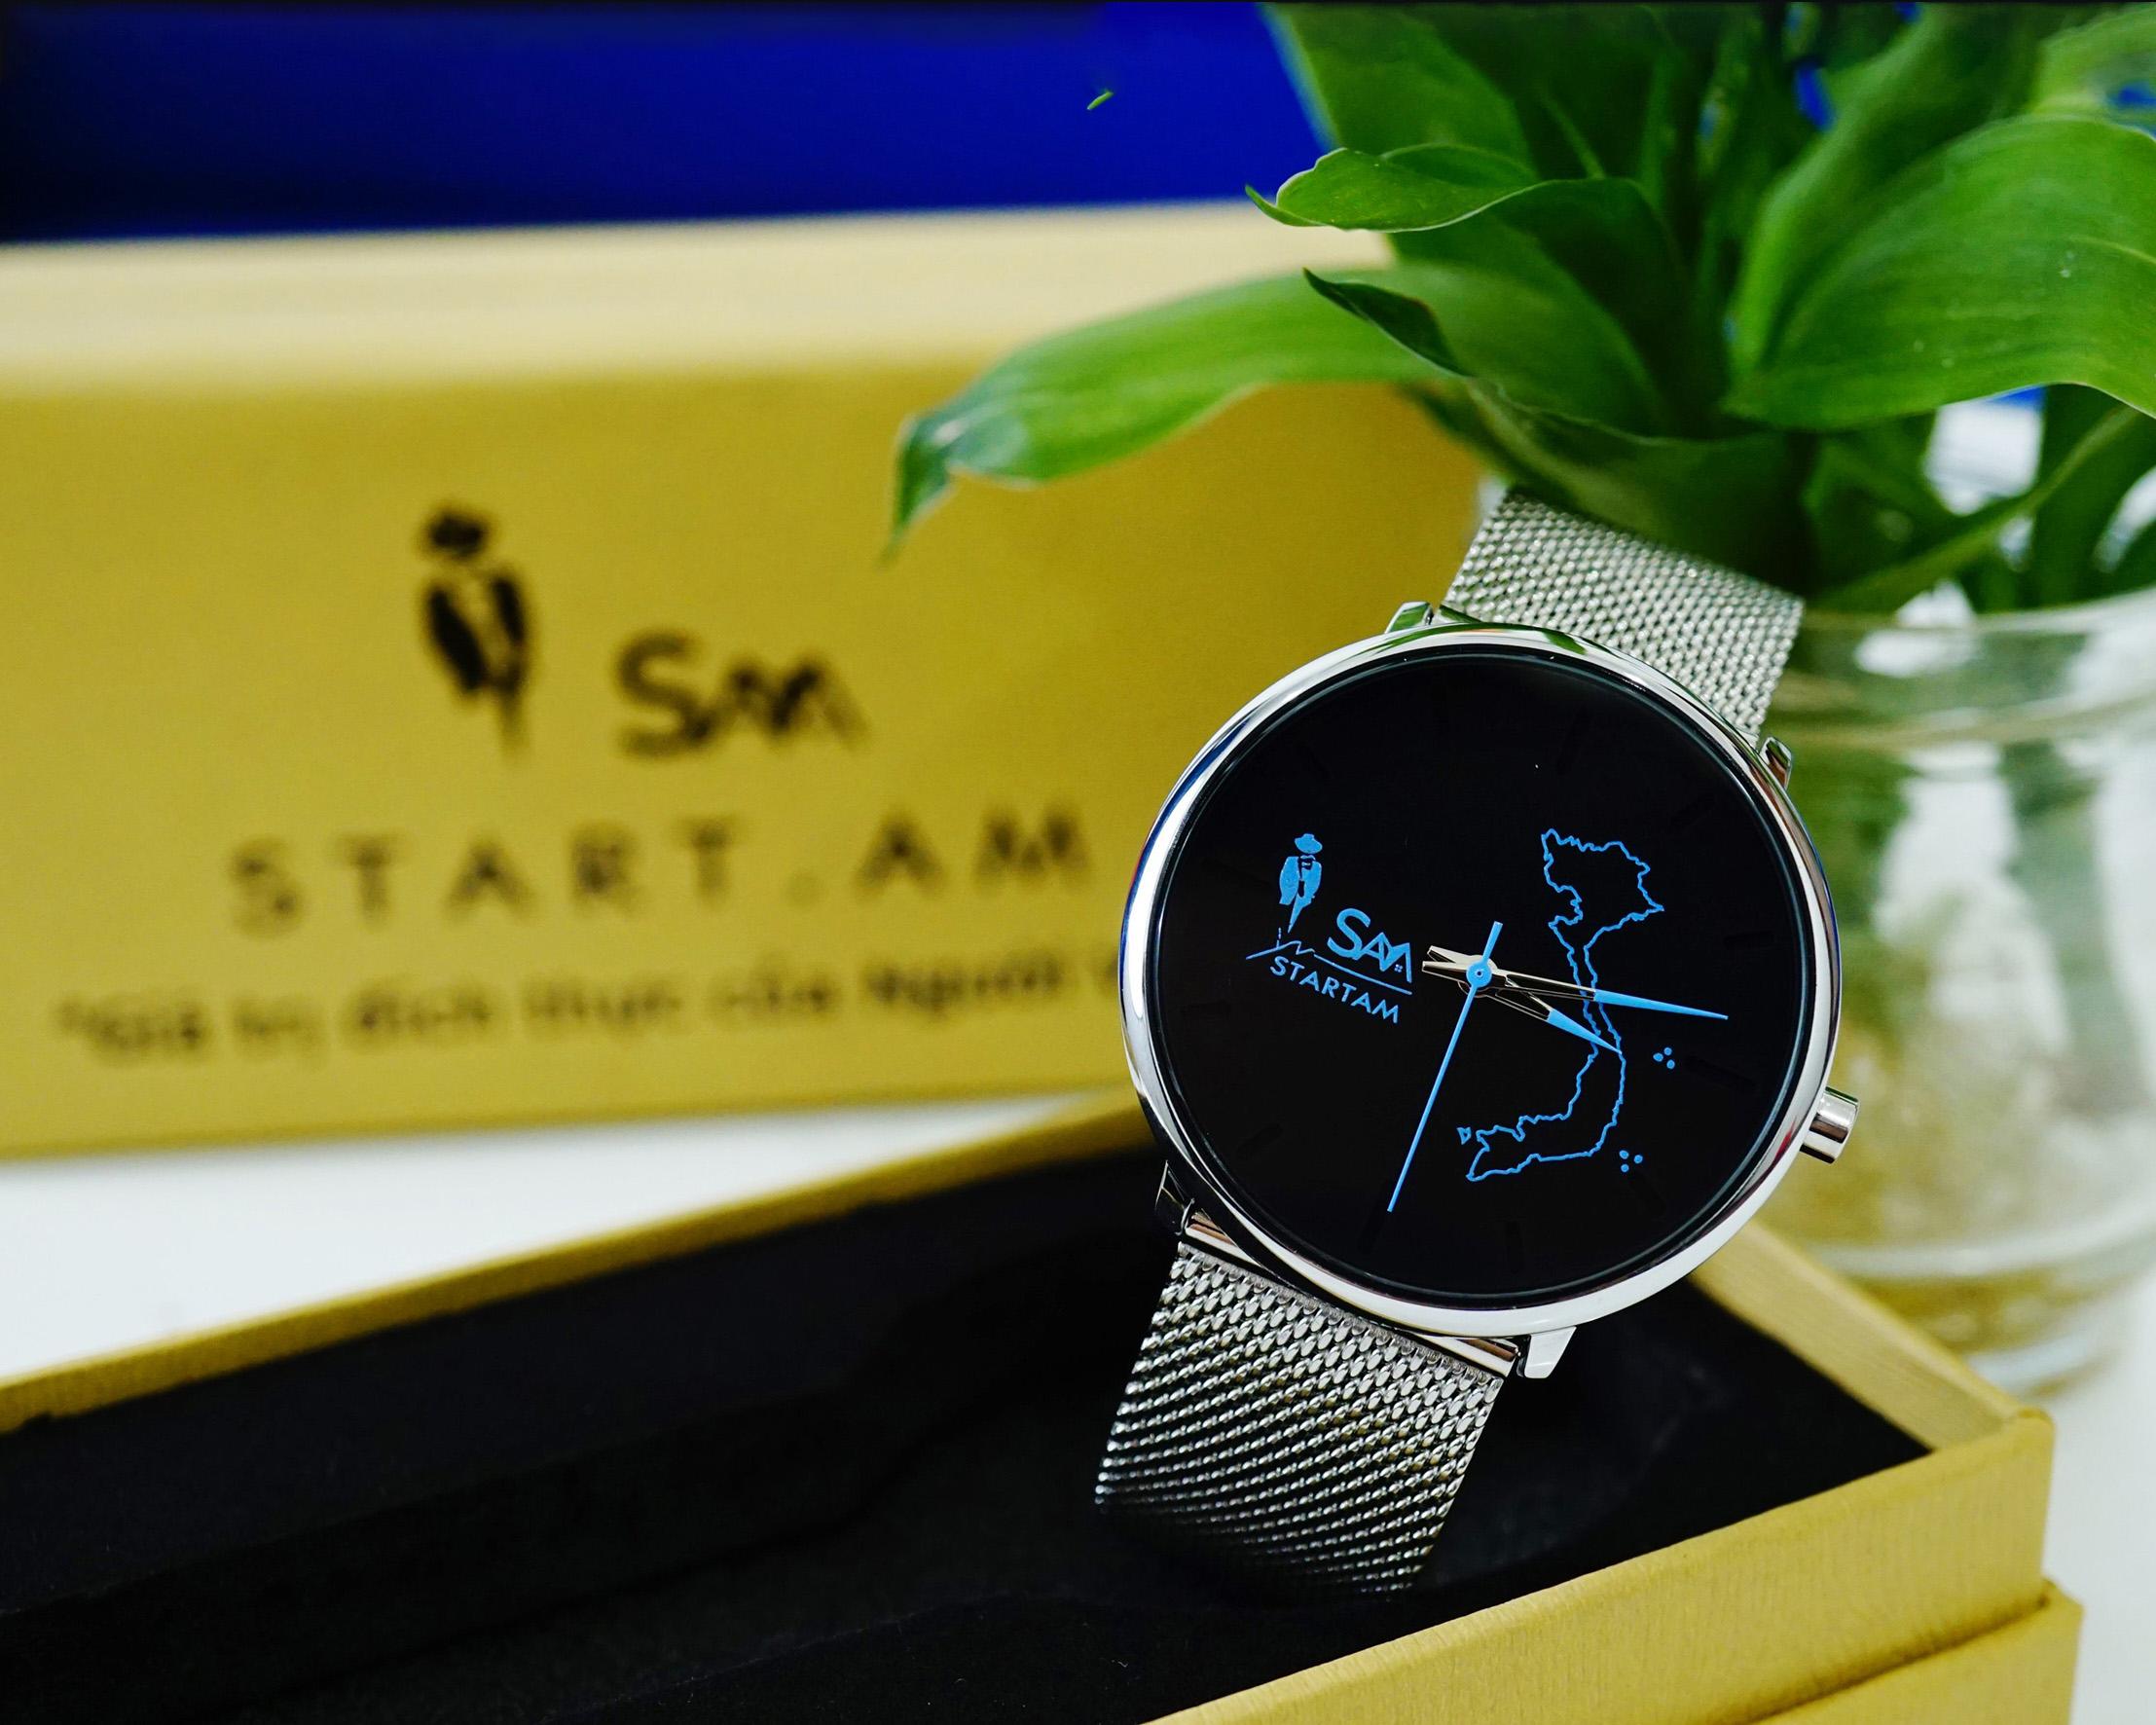 Start.AM - Nơi Phong Cách Của Bạn Được Tỏa Sáng